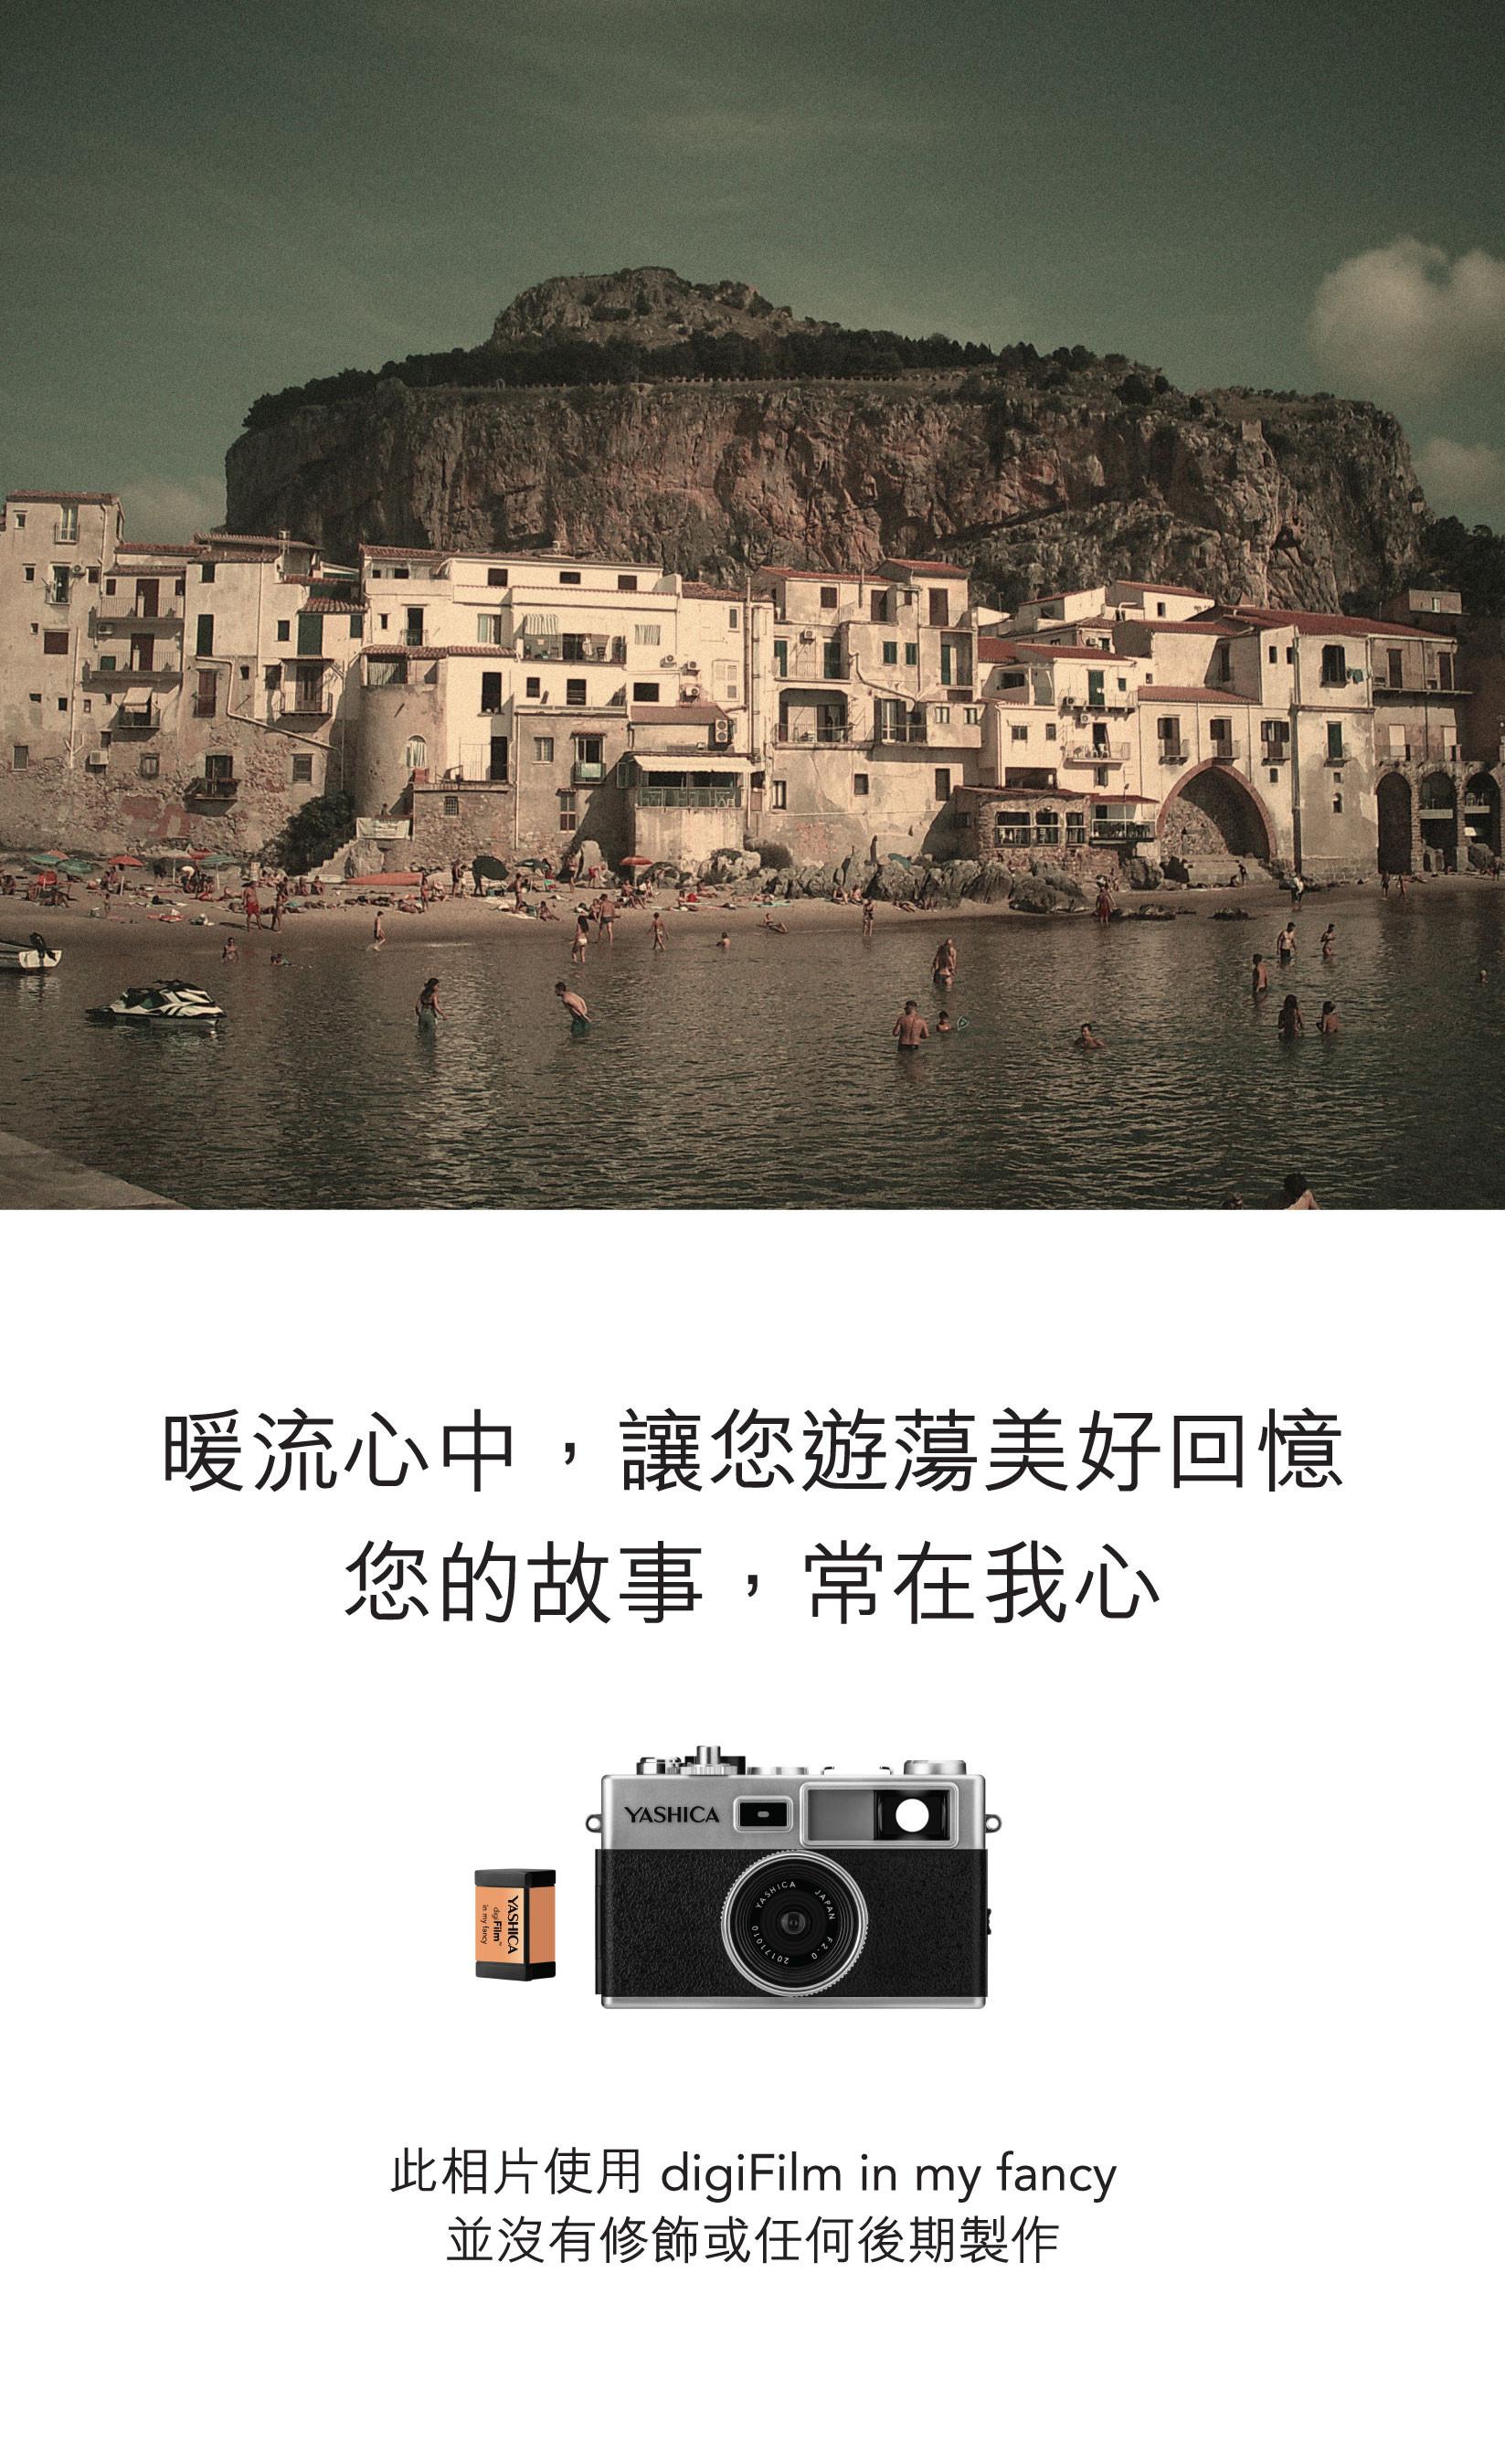 JD-Y35-HK_part-1-13.jpg